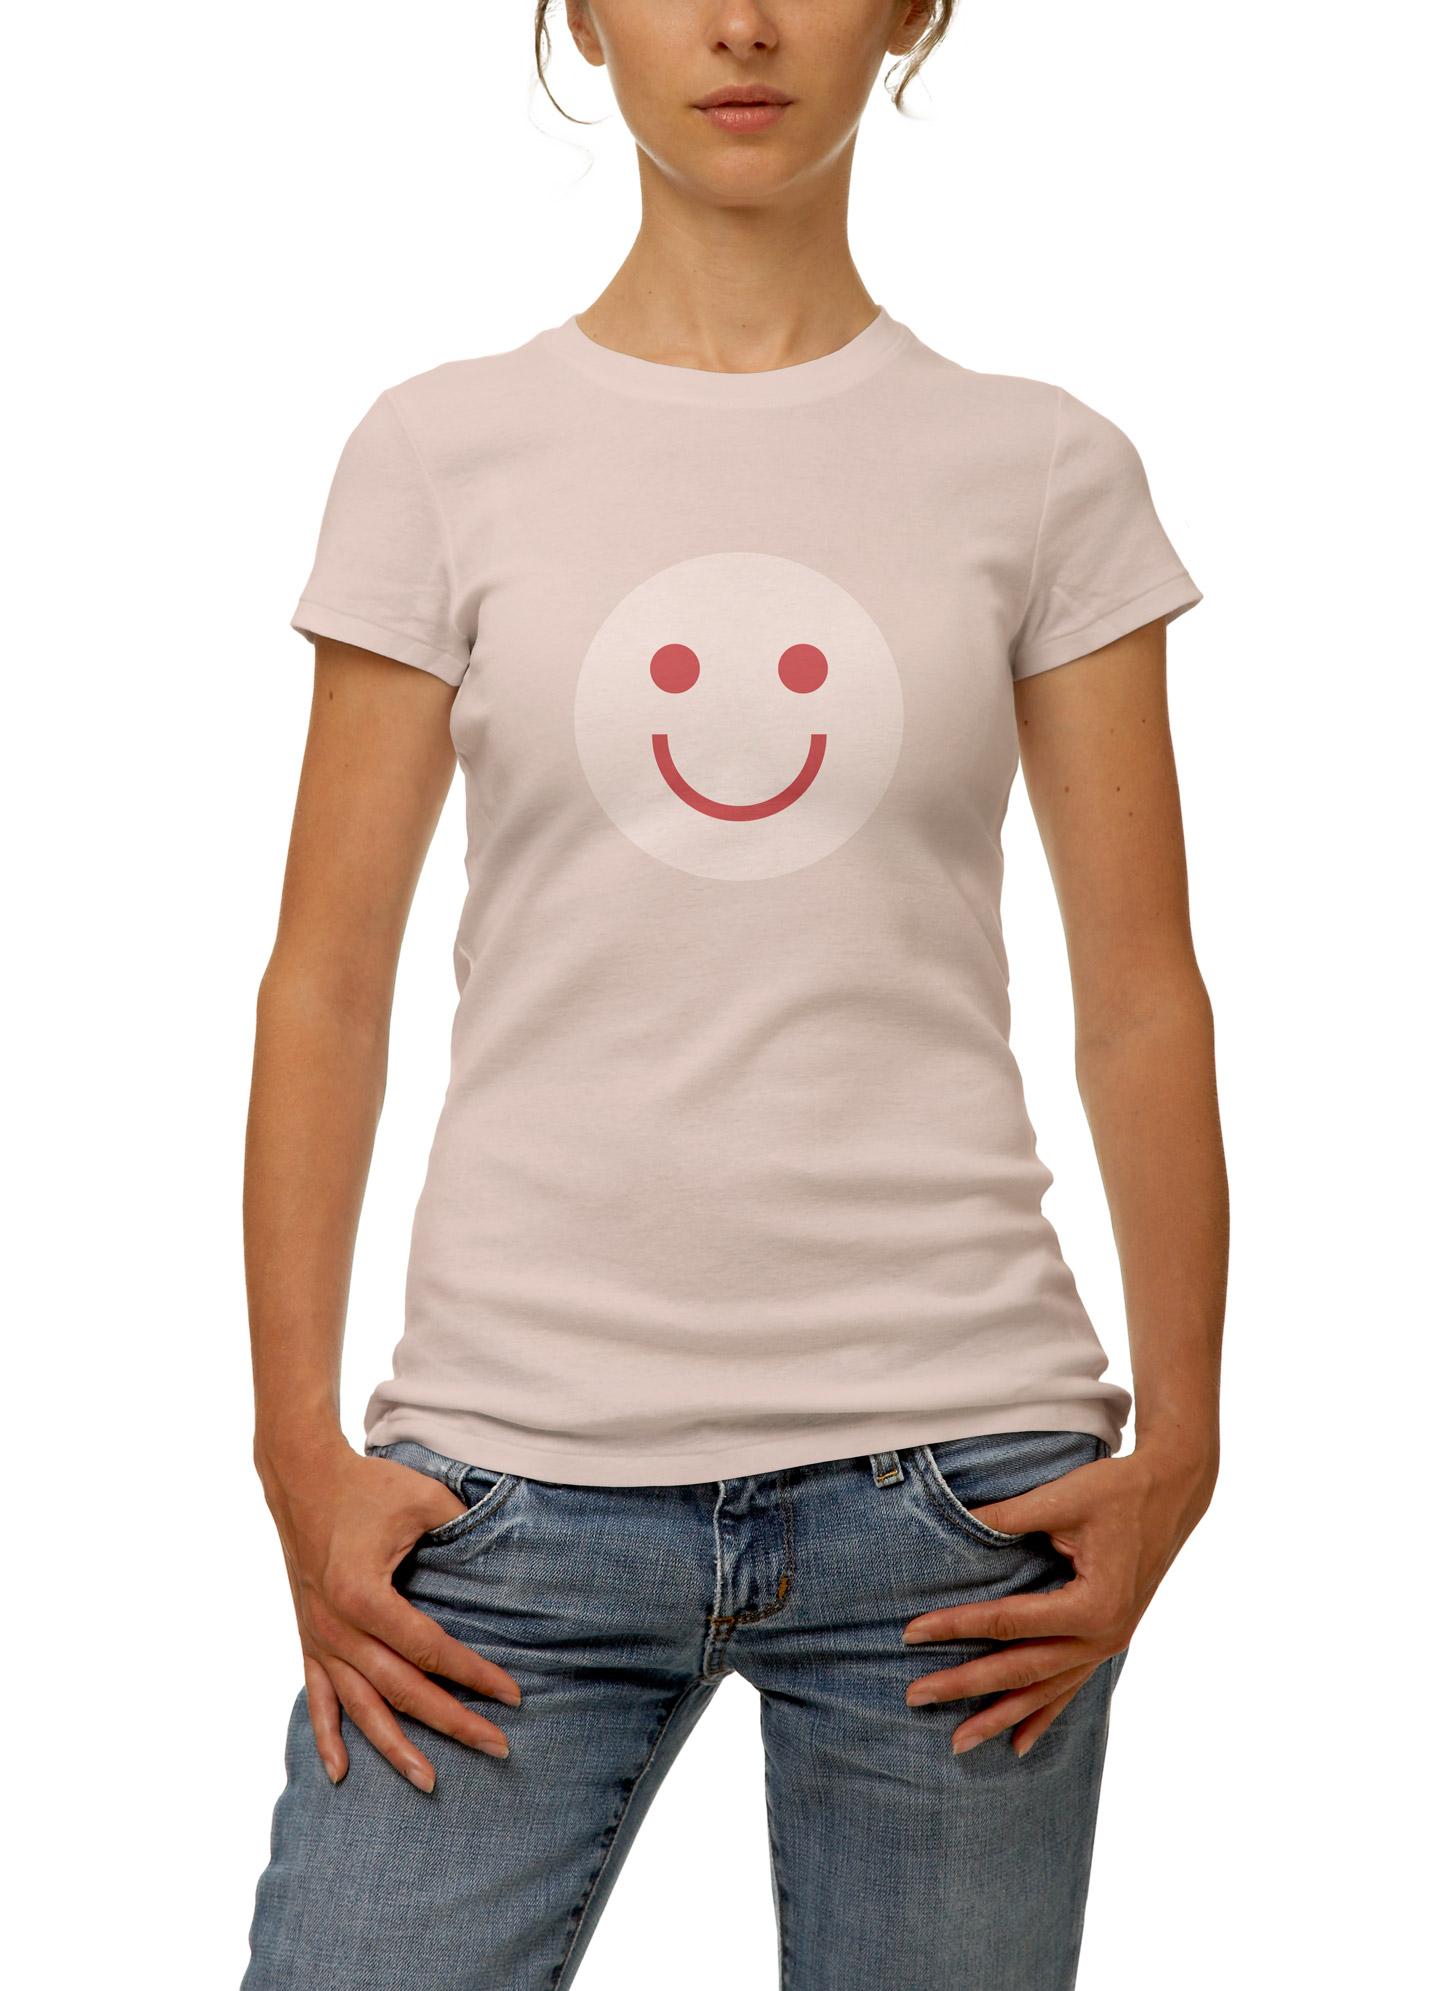 model_shirt1.jpg